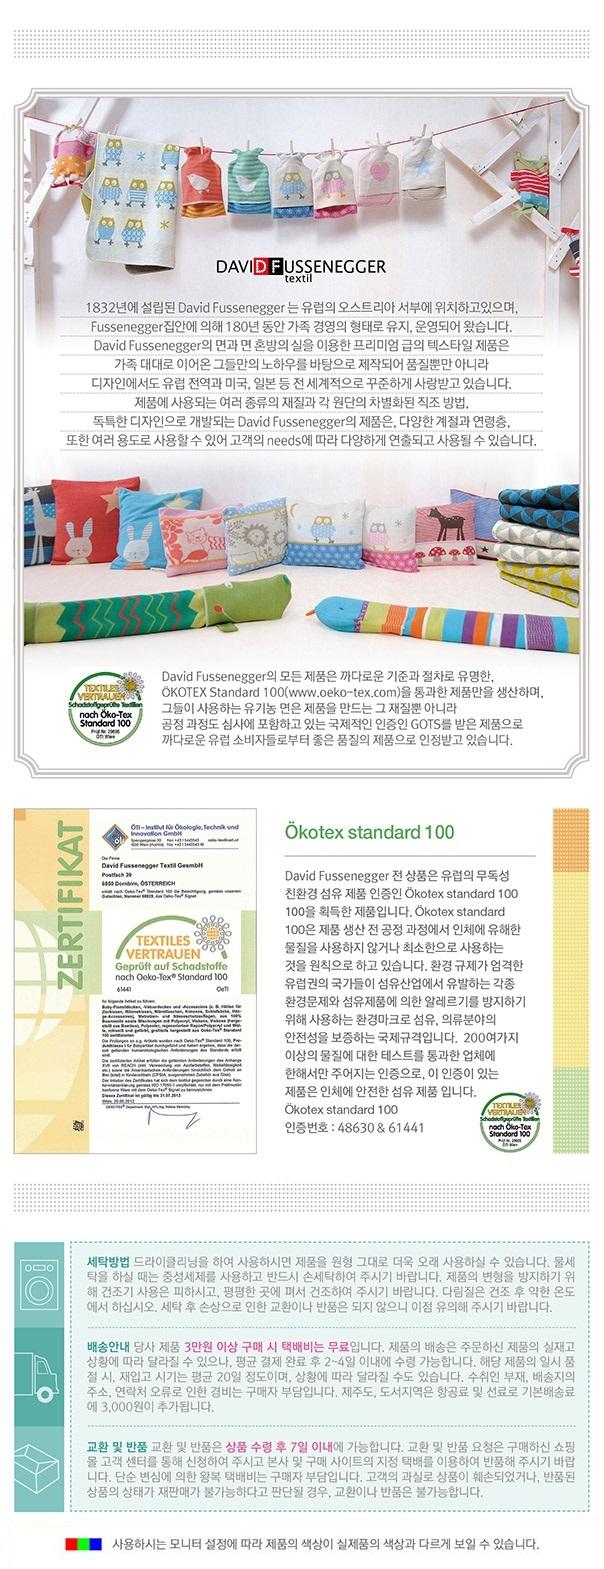 멀티 부엉이 블랭킷 - 데이비드 휘세네거, 199,000원, 담요/블랑켓, 극세사 블랑켓